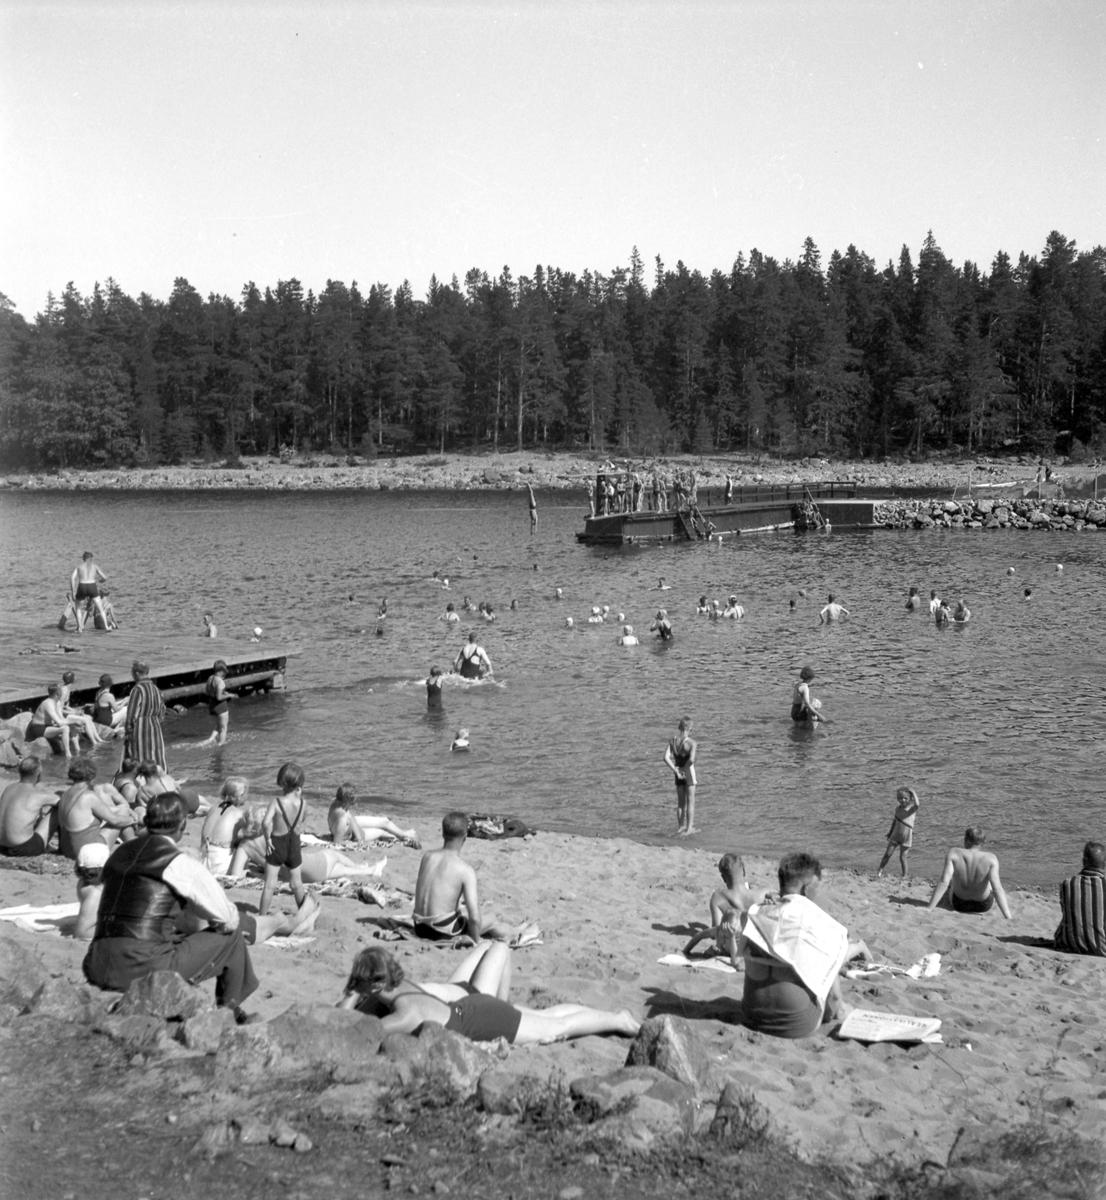 Furuviksparken invigdes pingstdagen 1936.  Nöjesfältet, badplatsen Sandvik och djurparken gjordes i ordning.  Badplatsen Sandvik